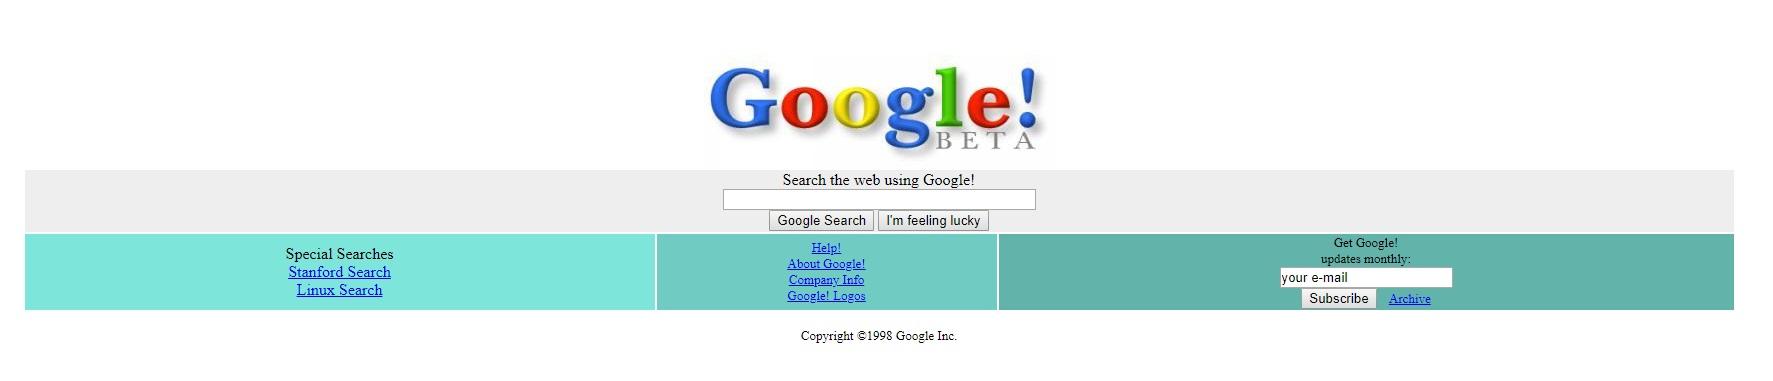 Wygląd pierwszej wersji wyszukiwarki Google